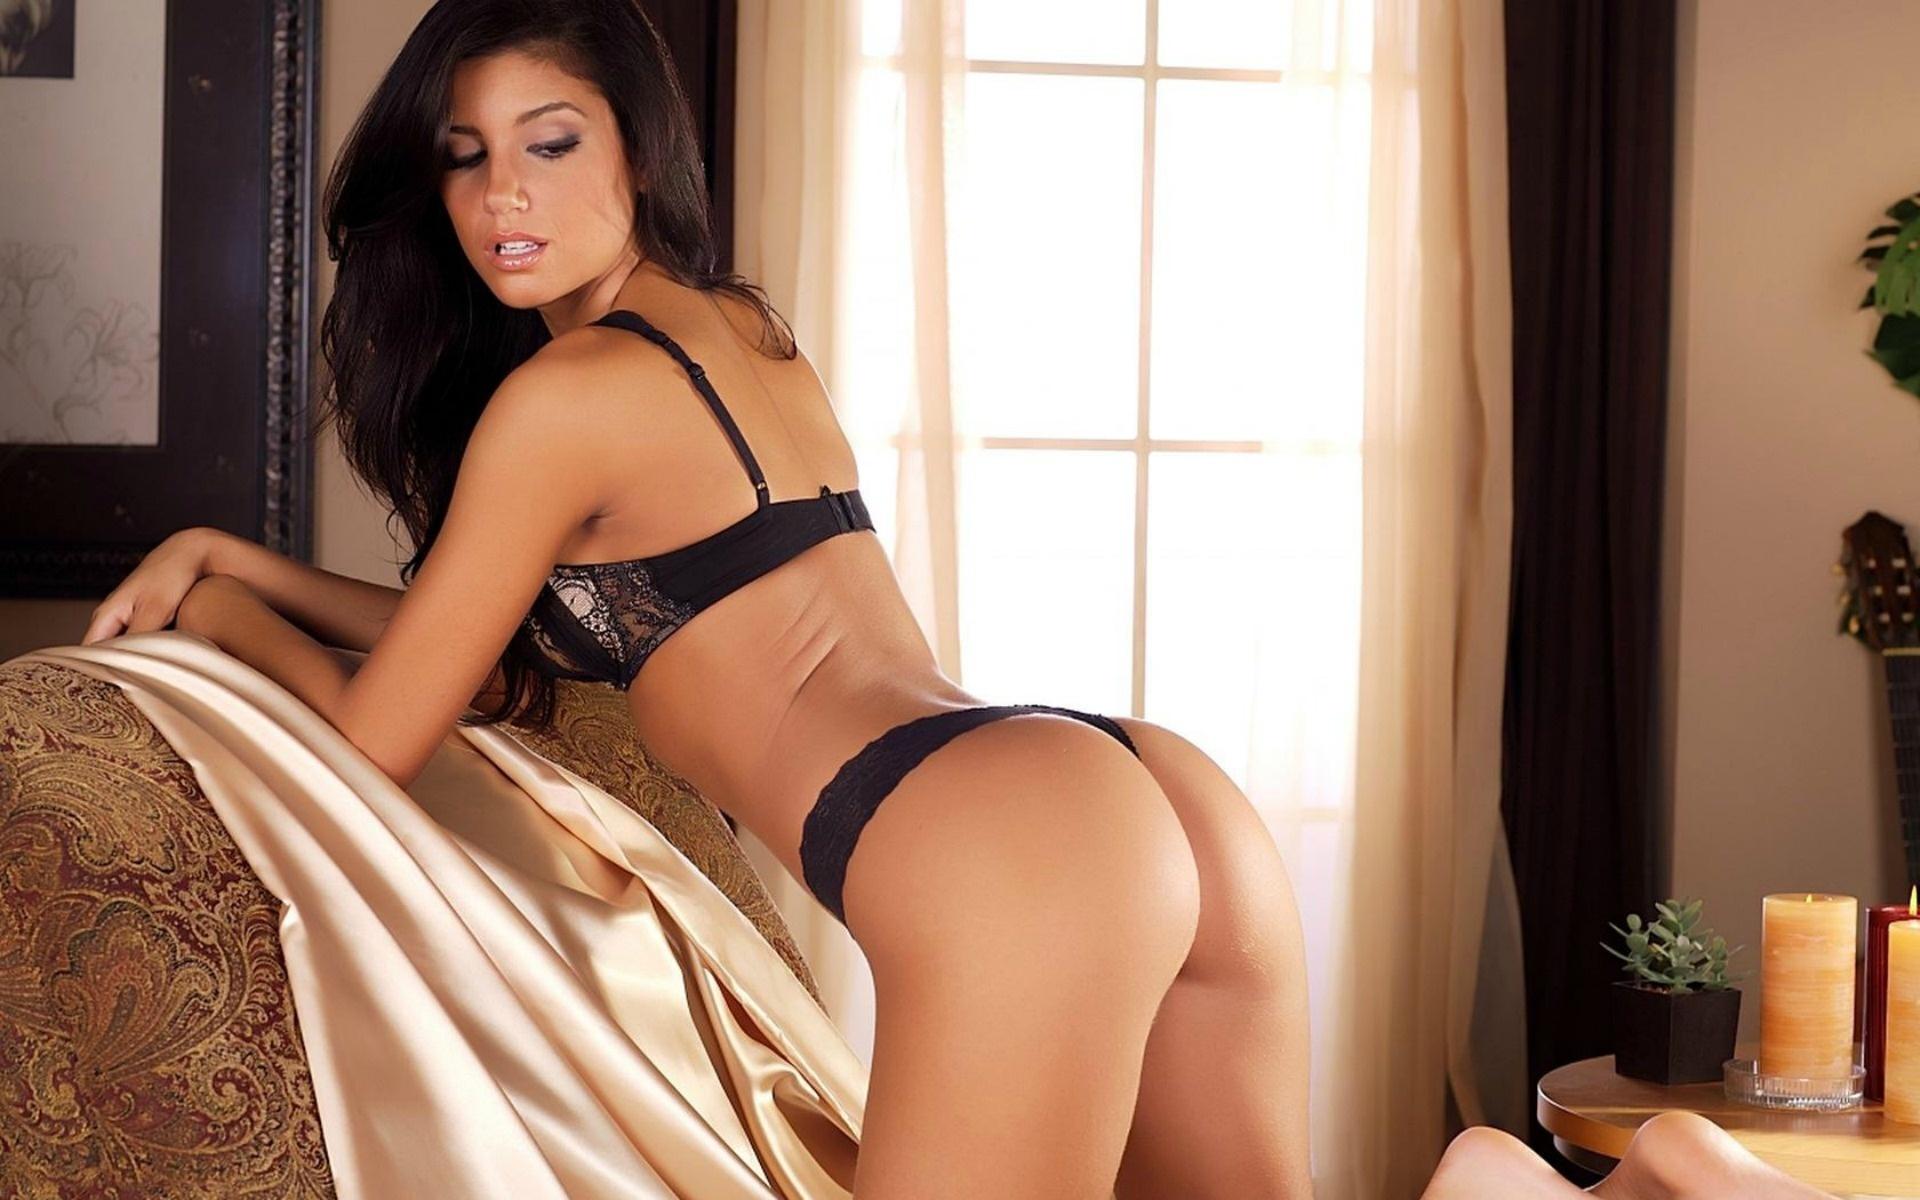 Самые красивые сексуальные девушки мира 12 фотография